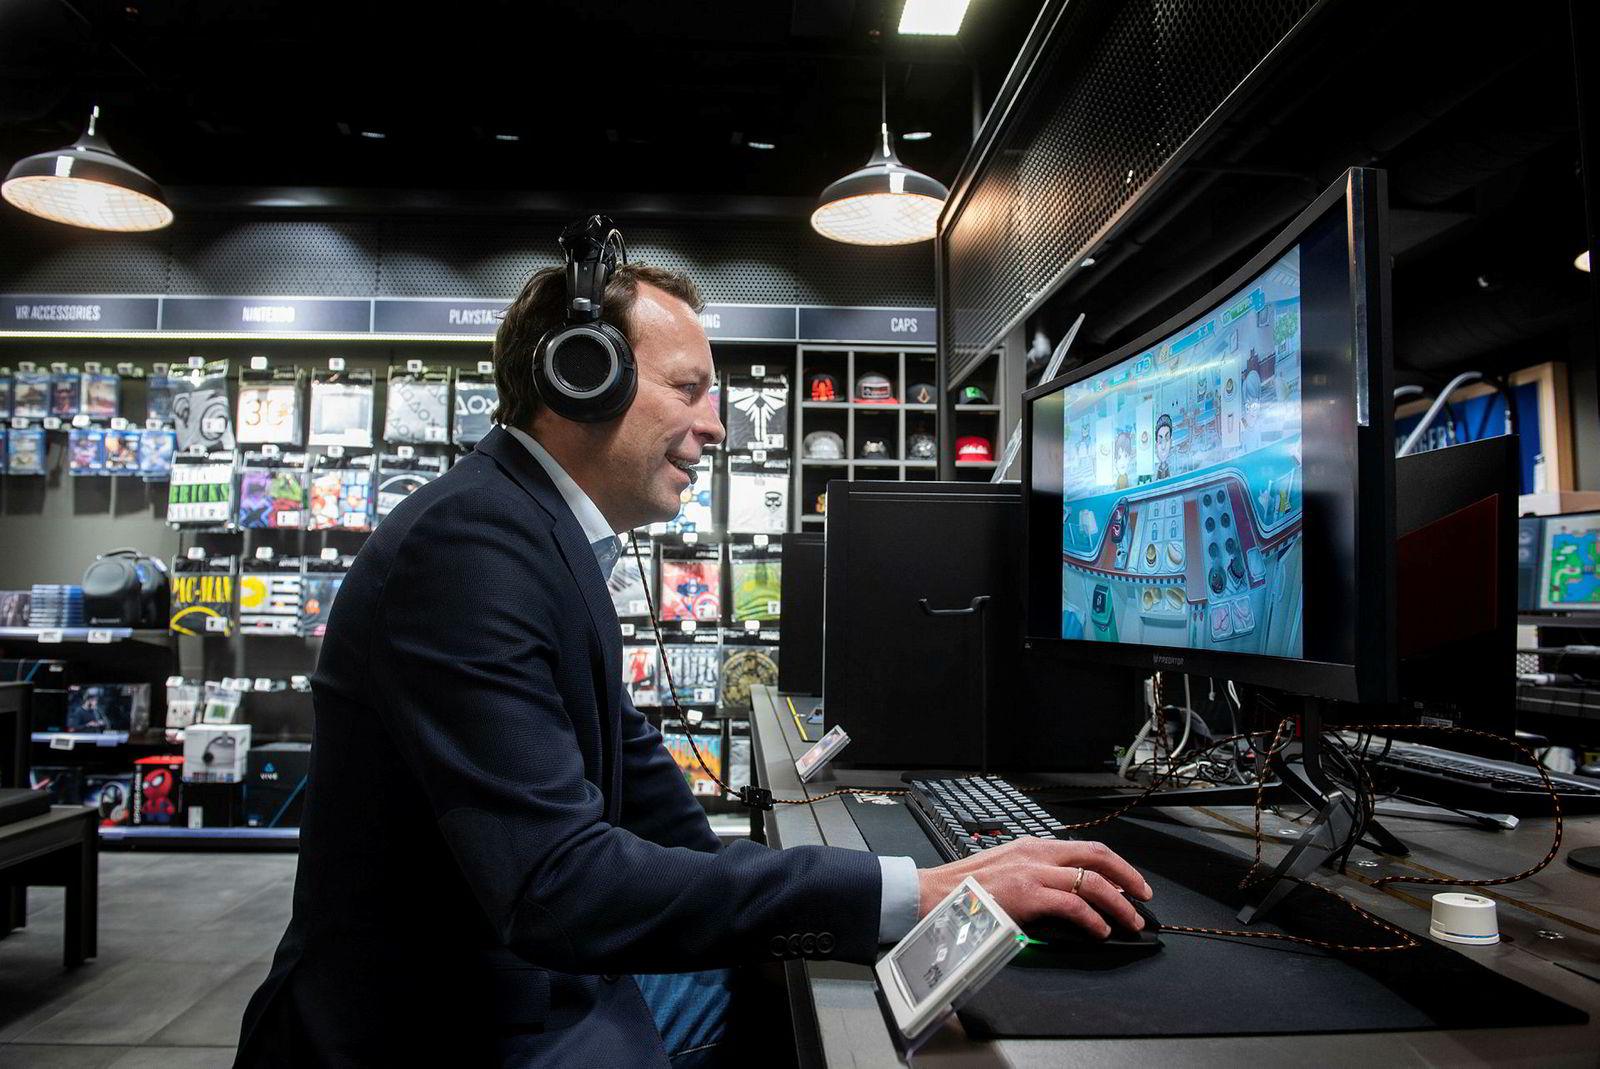 Jaan Ivar Semlitsch, konsernsjef i Elkjøp, har mer hell i business enn i spill. Her blir det svidd burger i spillet Fast food court.